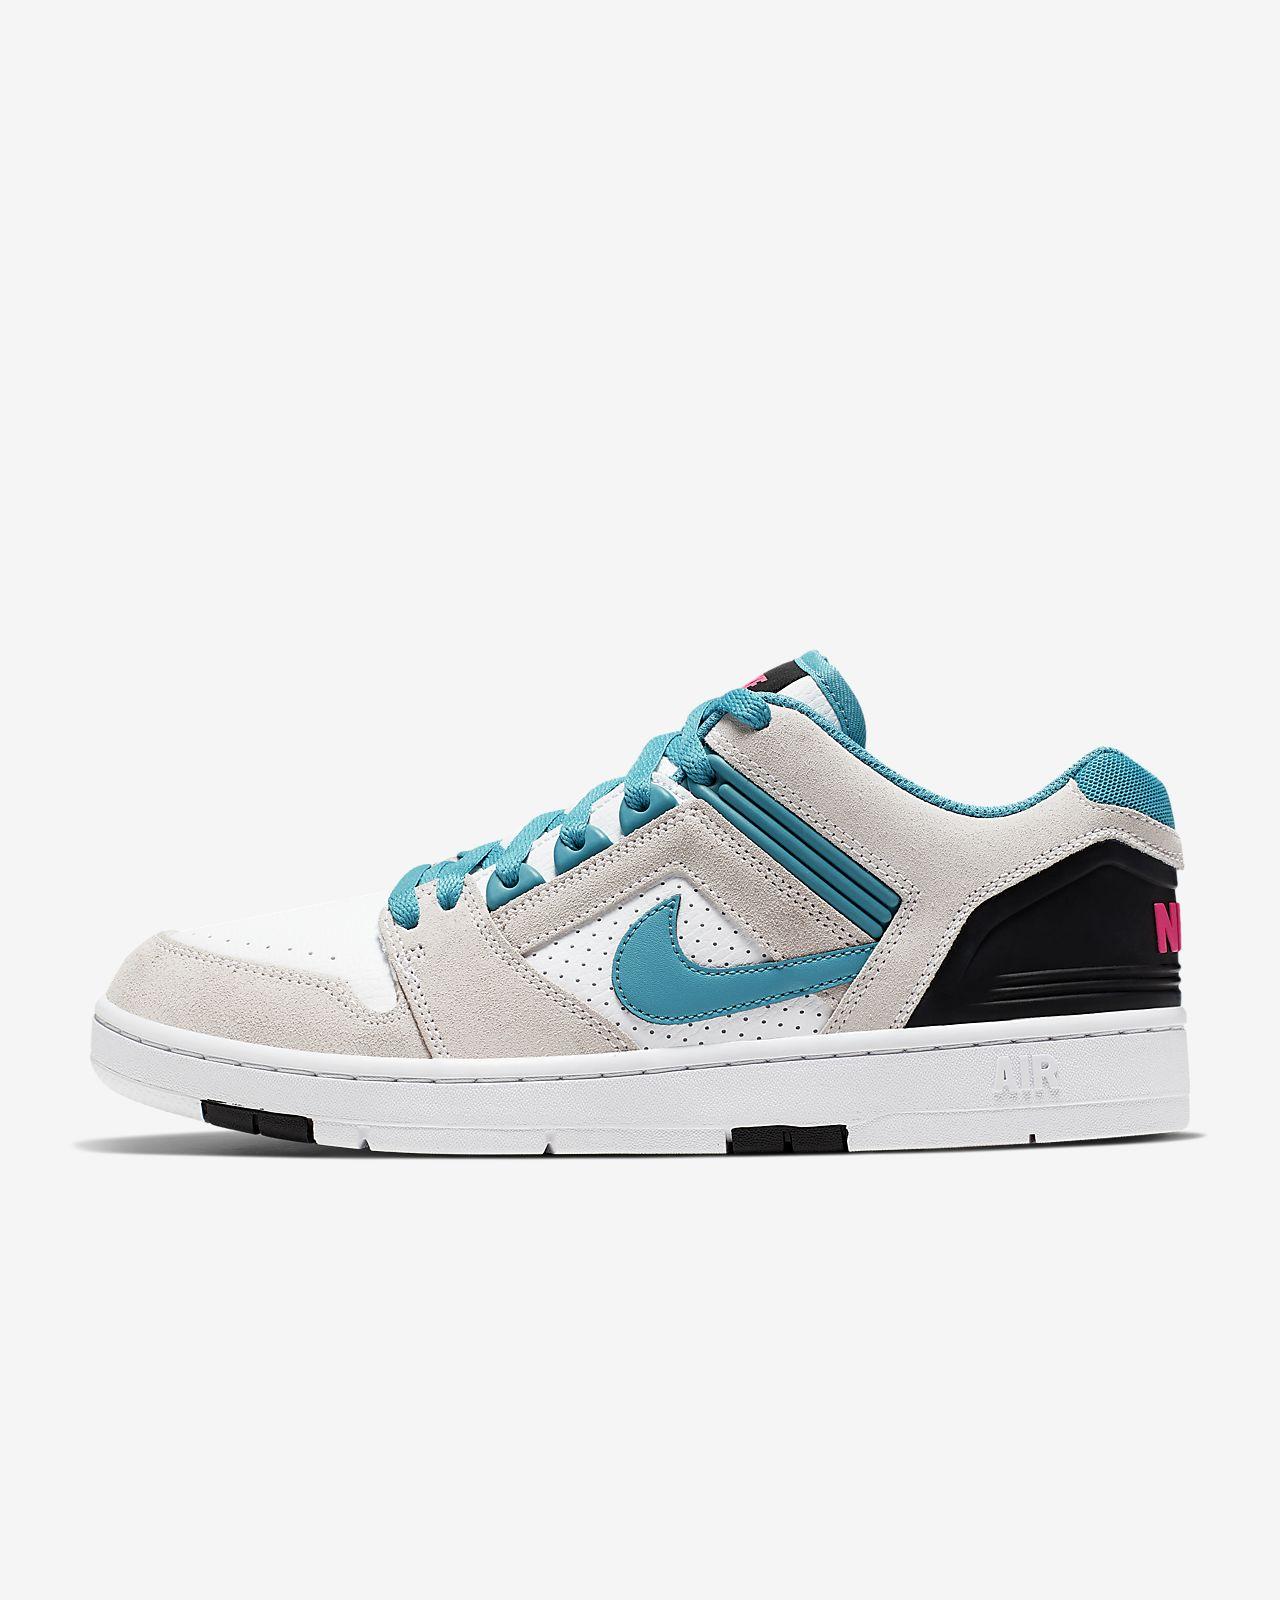 Ανδρικό παπούτσι skateboarding Nike SB Air Force II Low